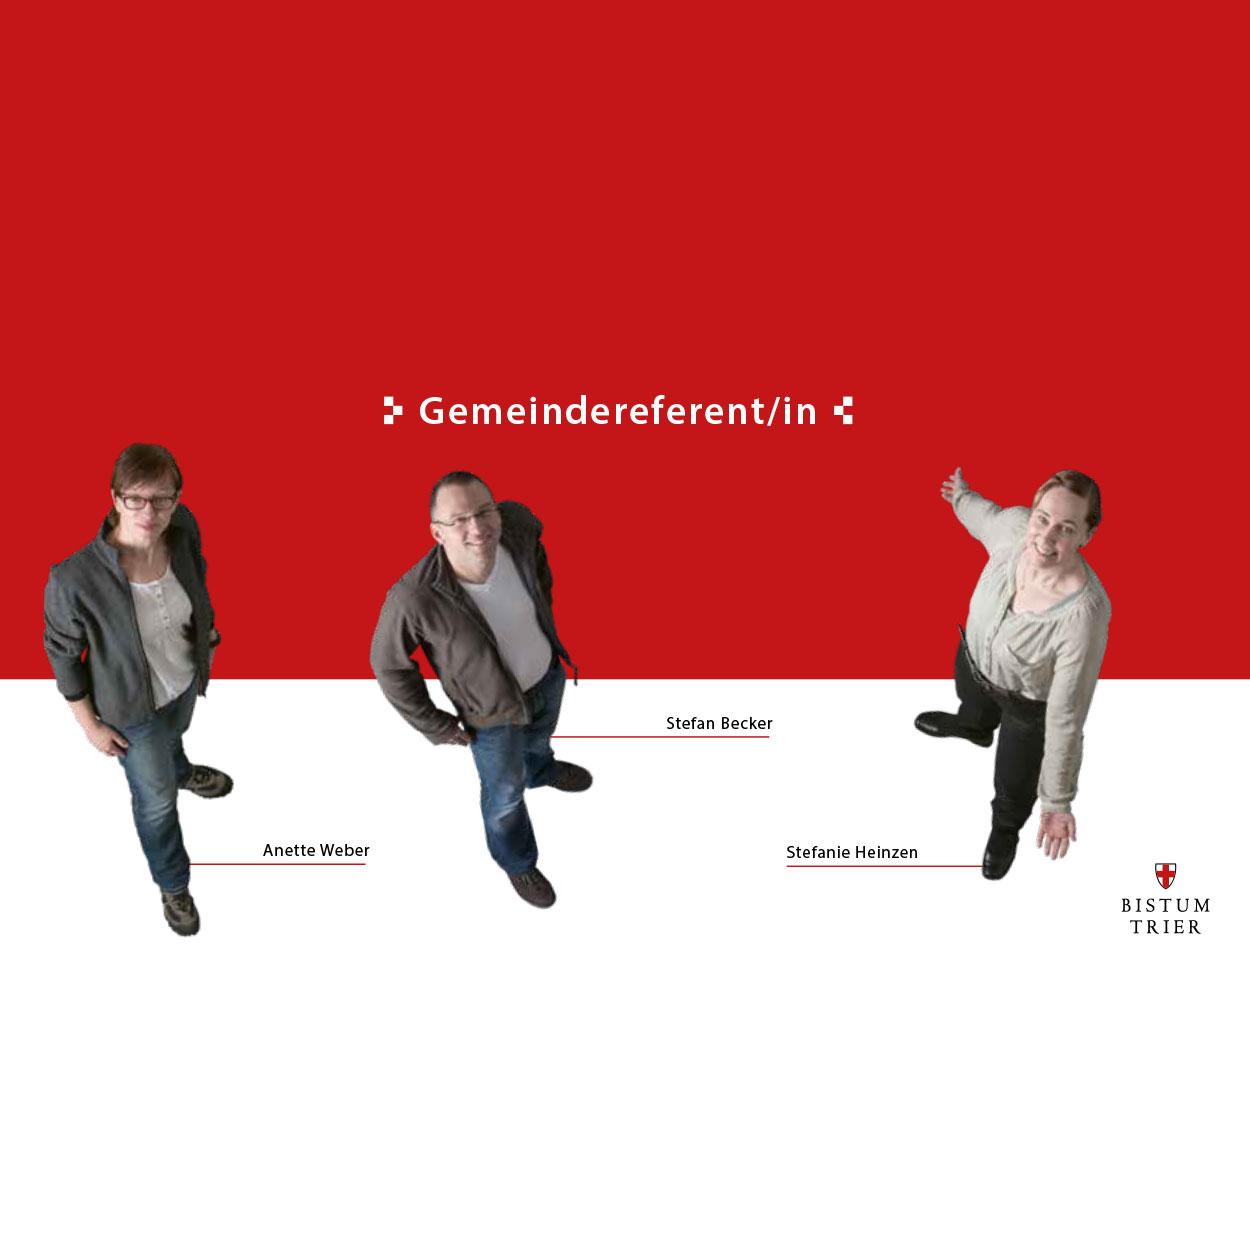 Ein rot-weißes Prospekt mit der Überschrift Gemeindereferent. Aus der Vogelperspektive sind 2 Frauen und ein Mann fotografiert. Sie schauen von unten nach oben in die Kamera.